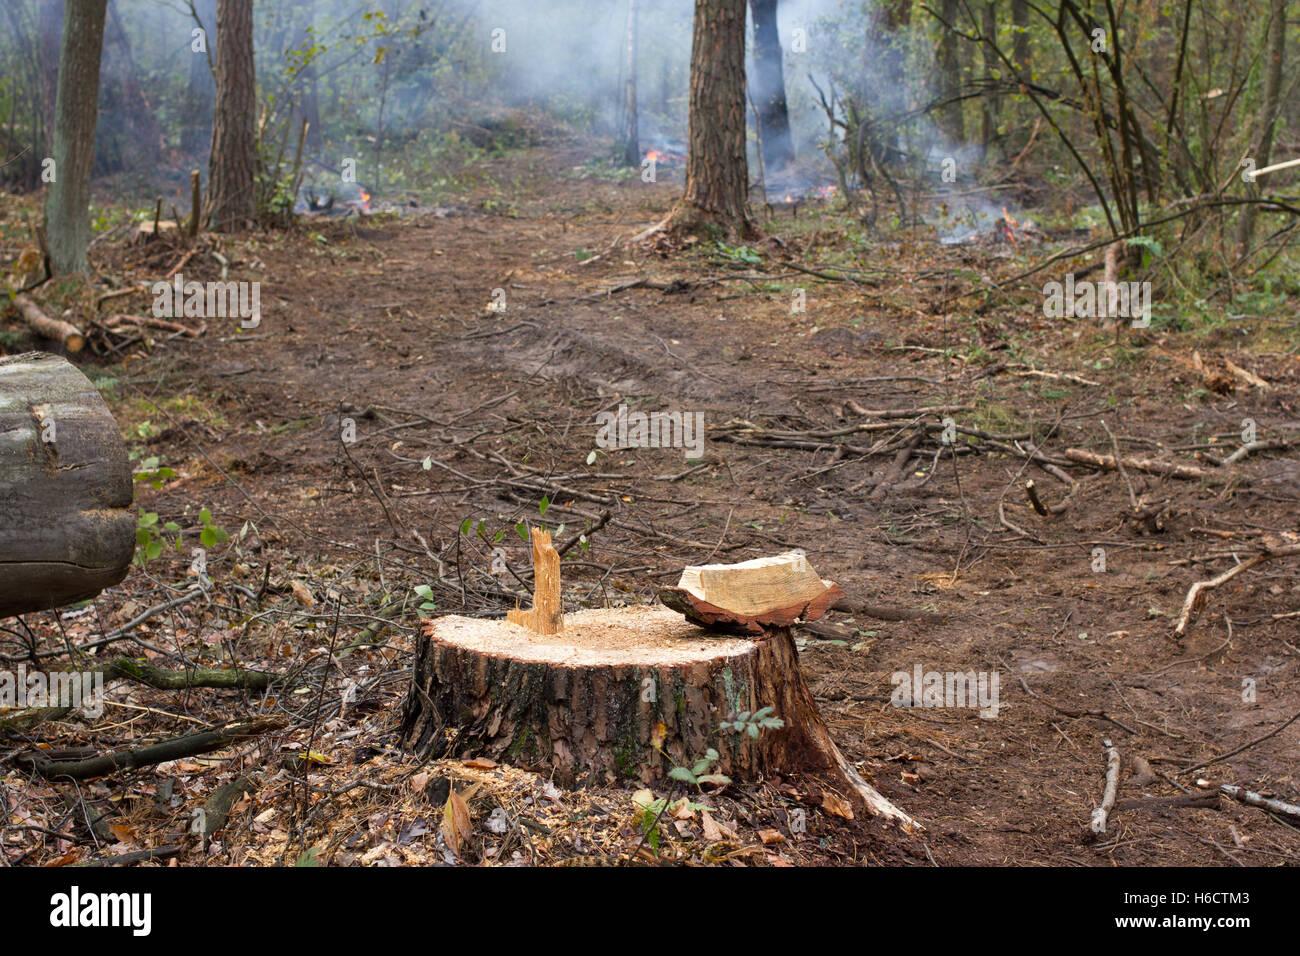 Souche de pin, résultat de l'abattage. Le déboisement des forêts coupées, Total Photo Stock